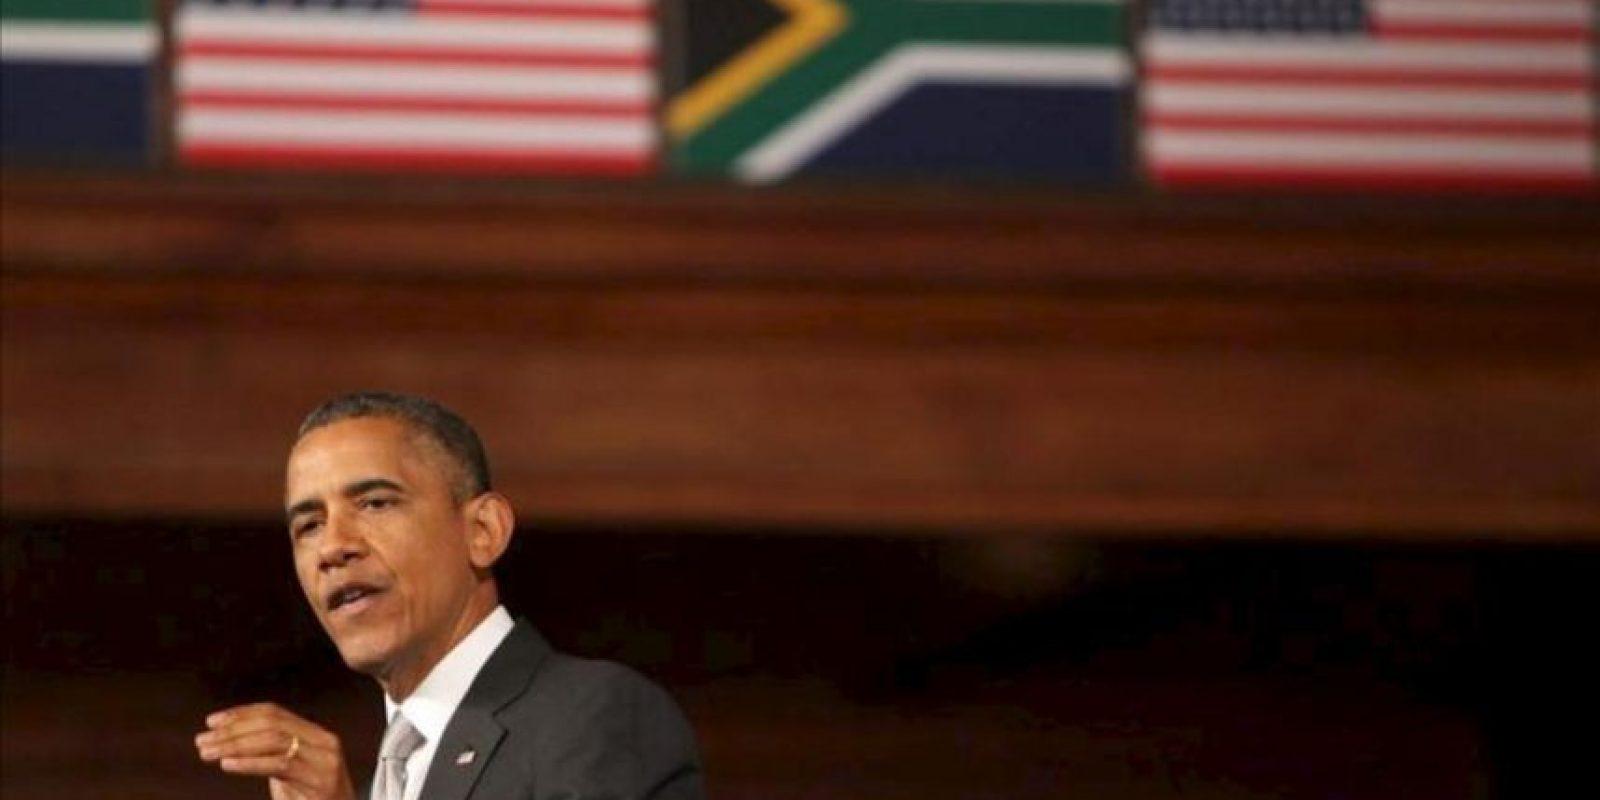 El presidente estadounidense, Barack Obama, concluyó hoy su visita oficial a Sudáfrica con una decidida apuesta por la democracia y el Estado de derecho para impulsar el desarrollo en África. EFE